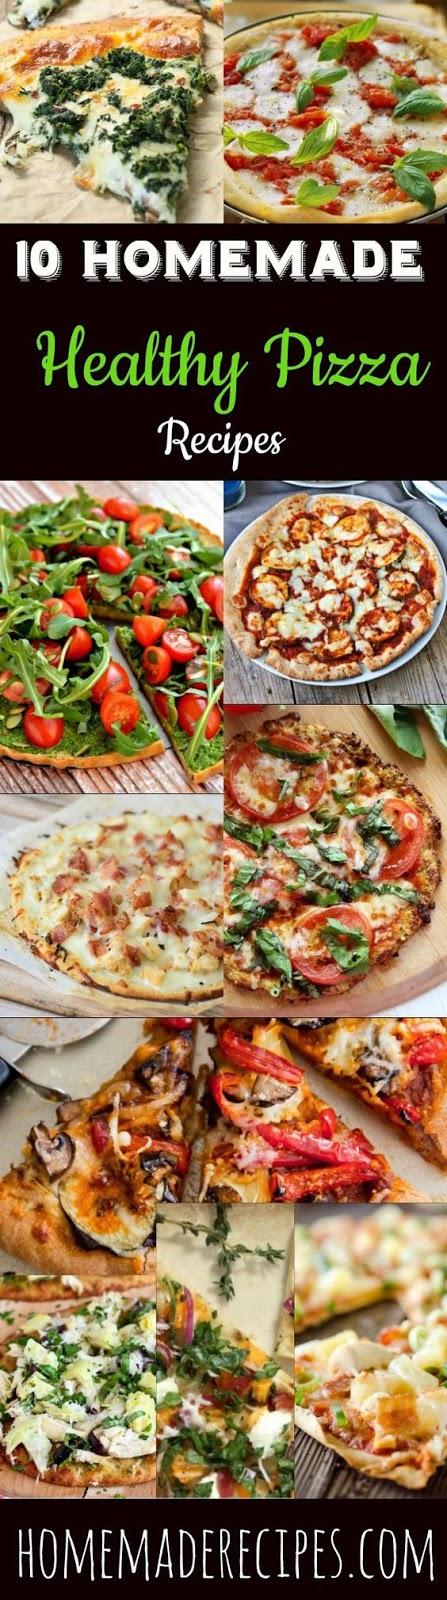 10 Homemade Healthy Pizza Recipes